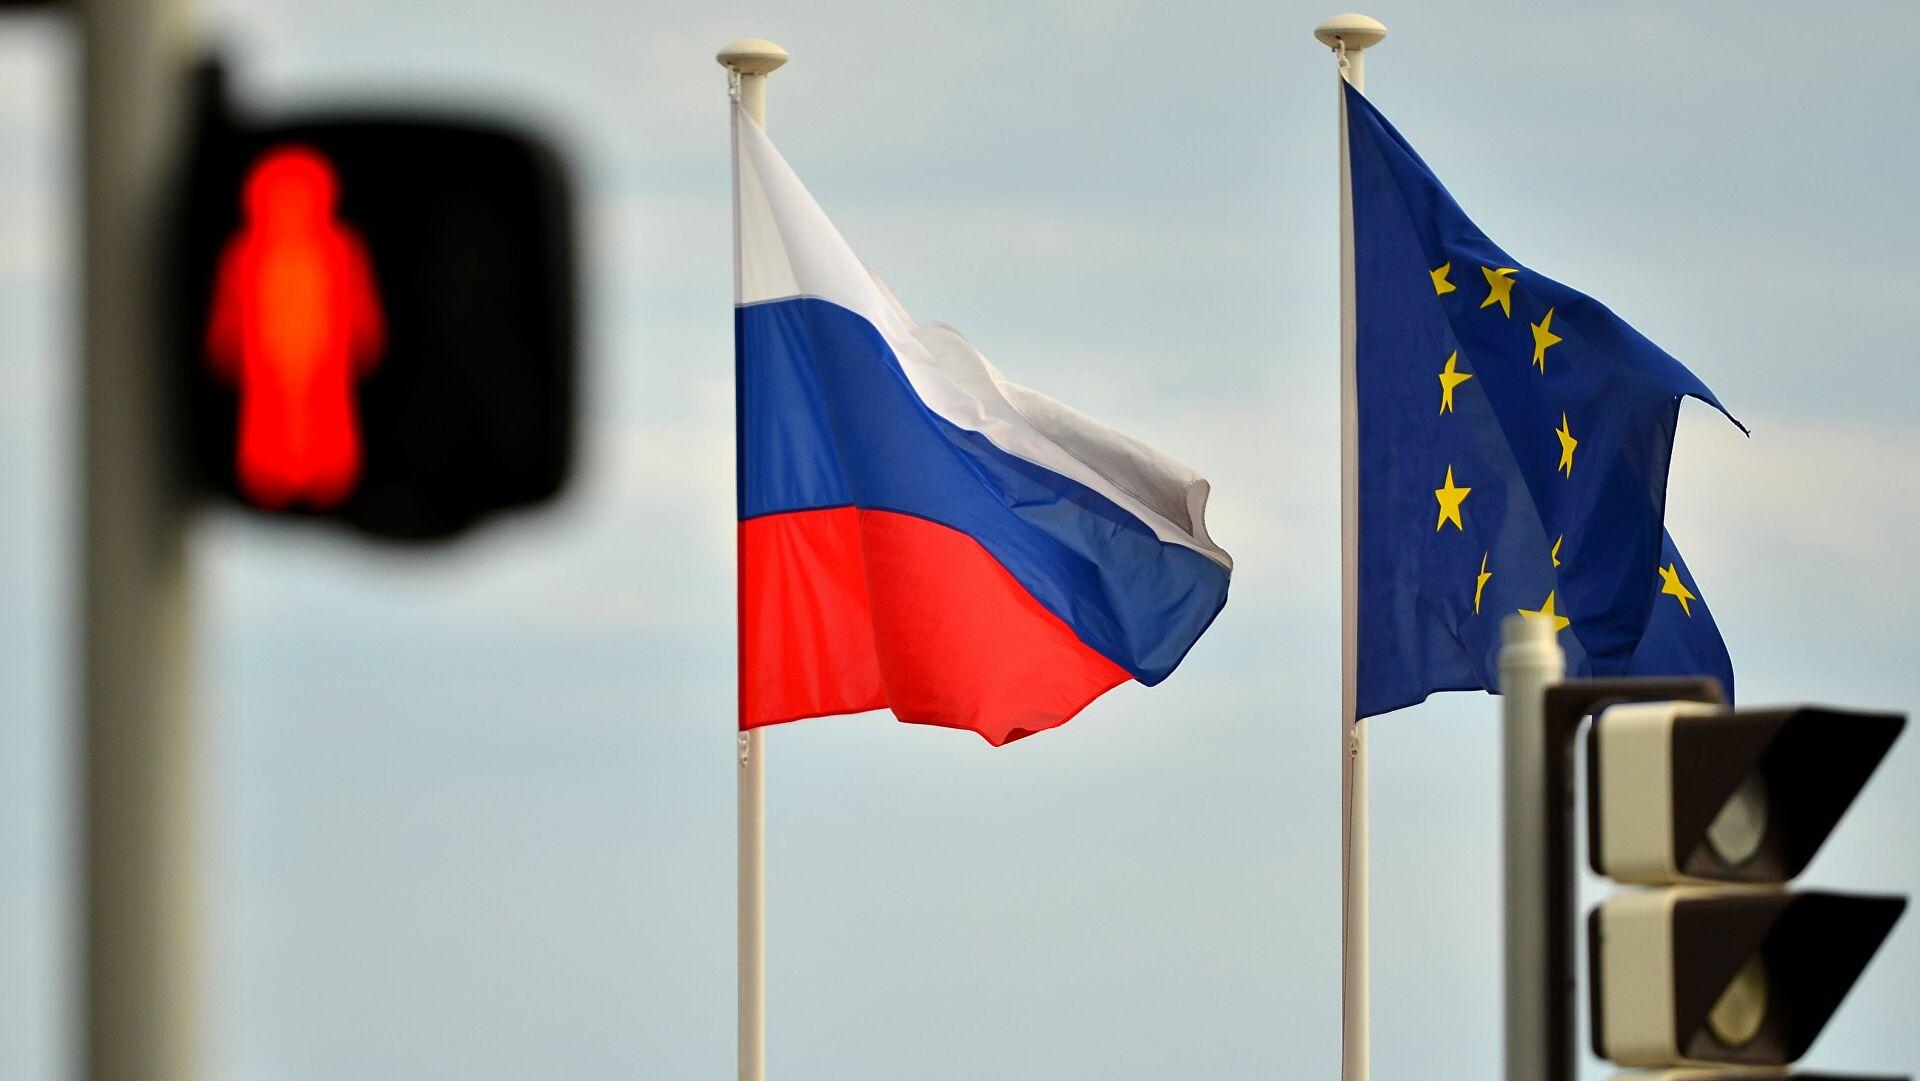 ЕУ продужила санкције Русији